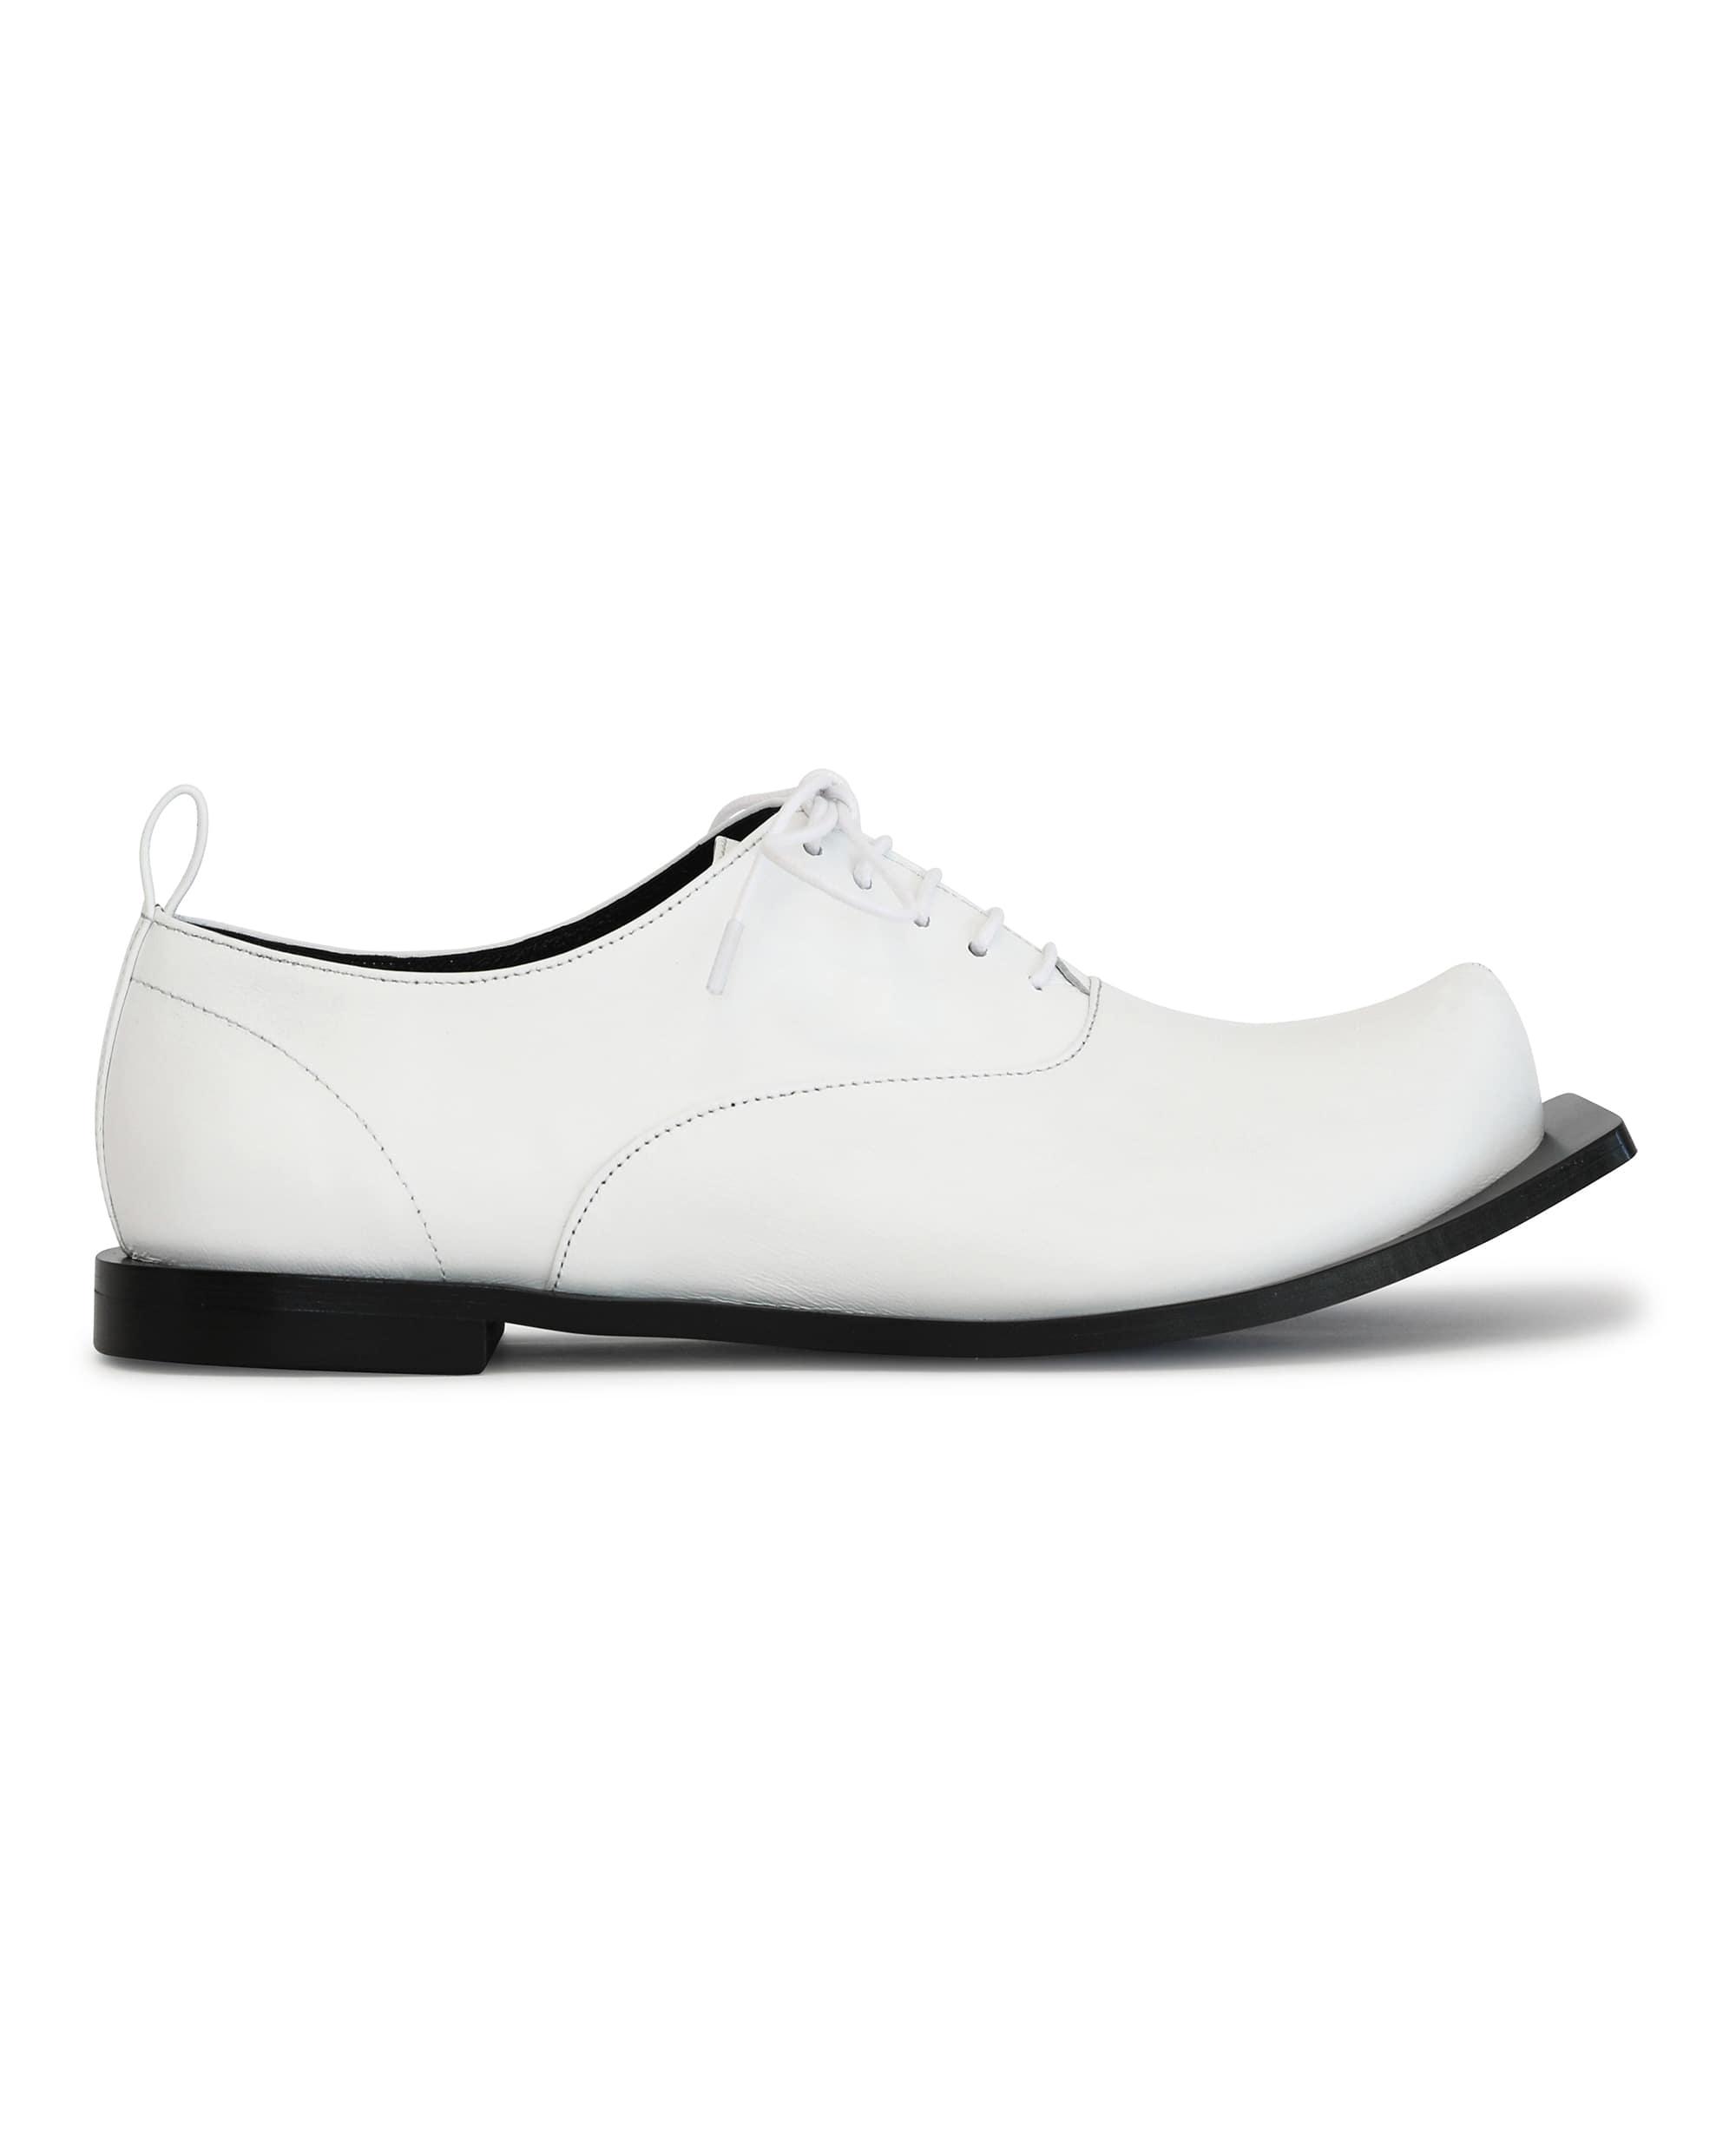 플랫아파트먼트, FLAT APARTMENT, 플랫아파트먼트 신발, FLAT APARTMENT SHOES, pointed toe, pointed toe shoes, pointed toe oxfords, oxford shoes, wide outsole shoes, lace up oxford shoes, lace up oxfords, flat shoes, unique shoes, unique toe,  korean shoes brand, korean shoes, handmade shoes, flat shoes, squared outsole shoes, squared outsole, wide squared outsole shoes, 넓은 밑창, 플랫슈즈, 옥스포드 슈즈, 레이스업 플랫 슈즈, 뾰족 코 슈즈, 포인티트 토 슈즈, 신발, 슈즈, 구두, 옥스포드 플랫 슈즈, seoul fahsion, k fahsion, south korea shoes brand, order made shoes, 수제화, 주문제작 신발, 편한 신발